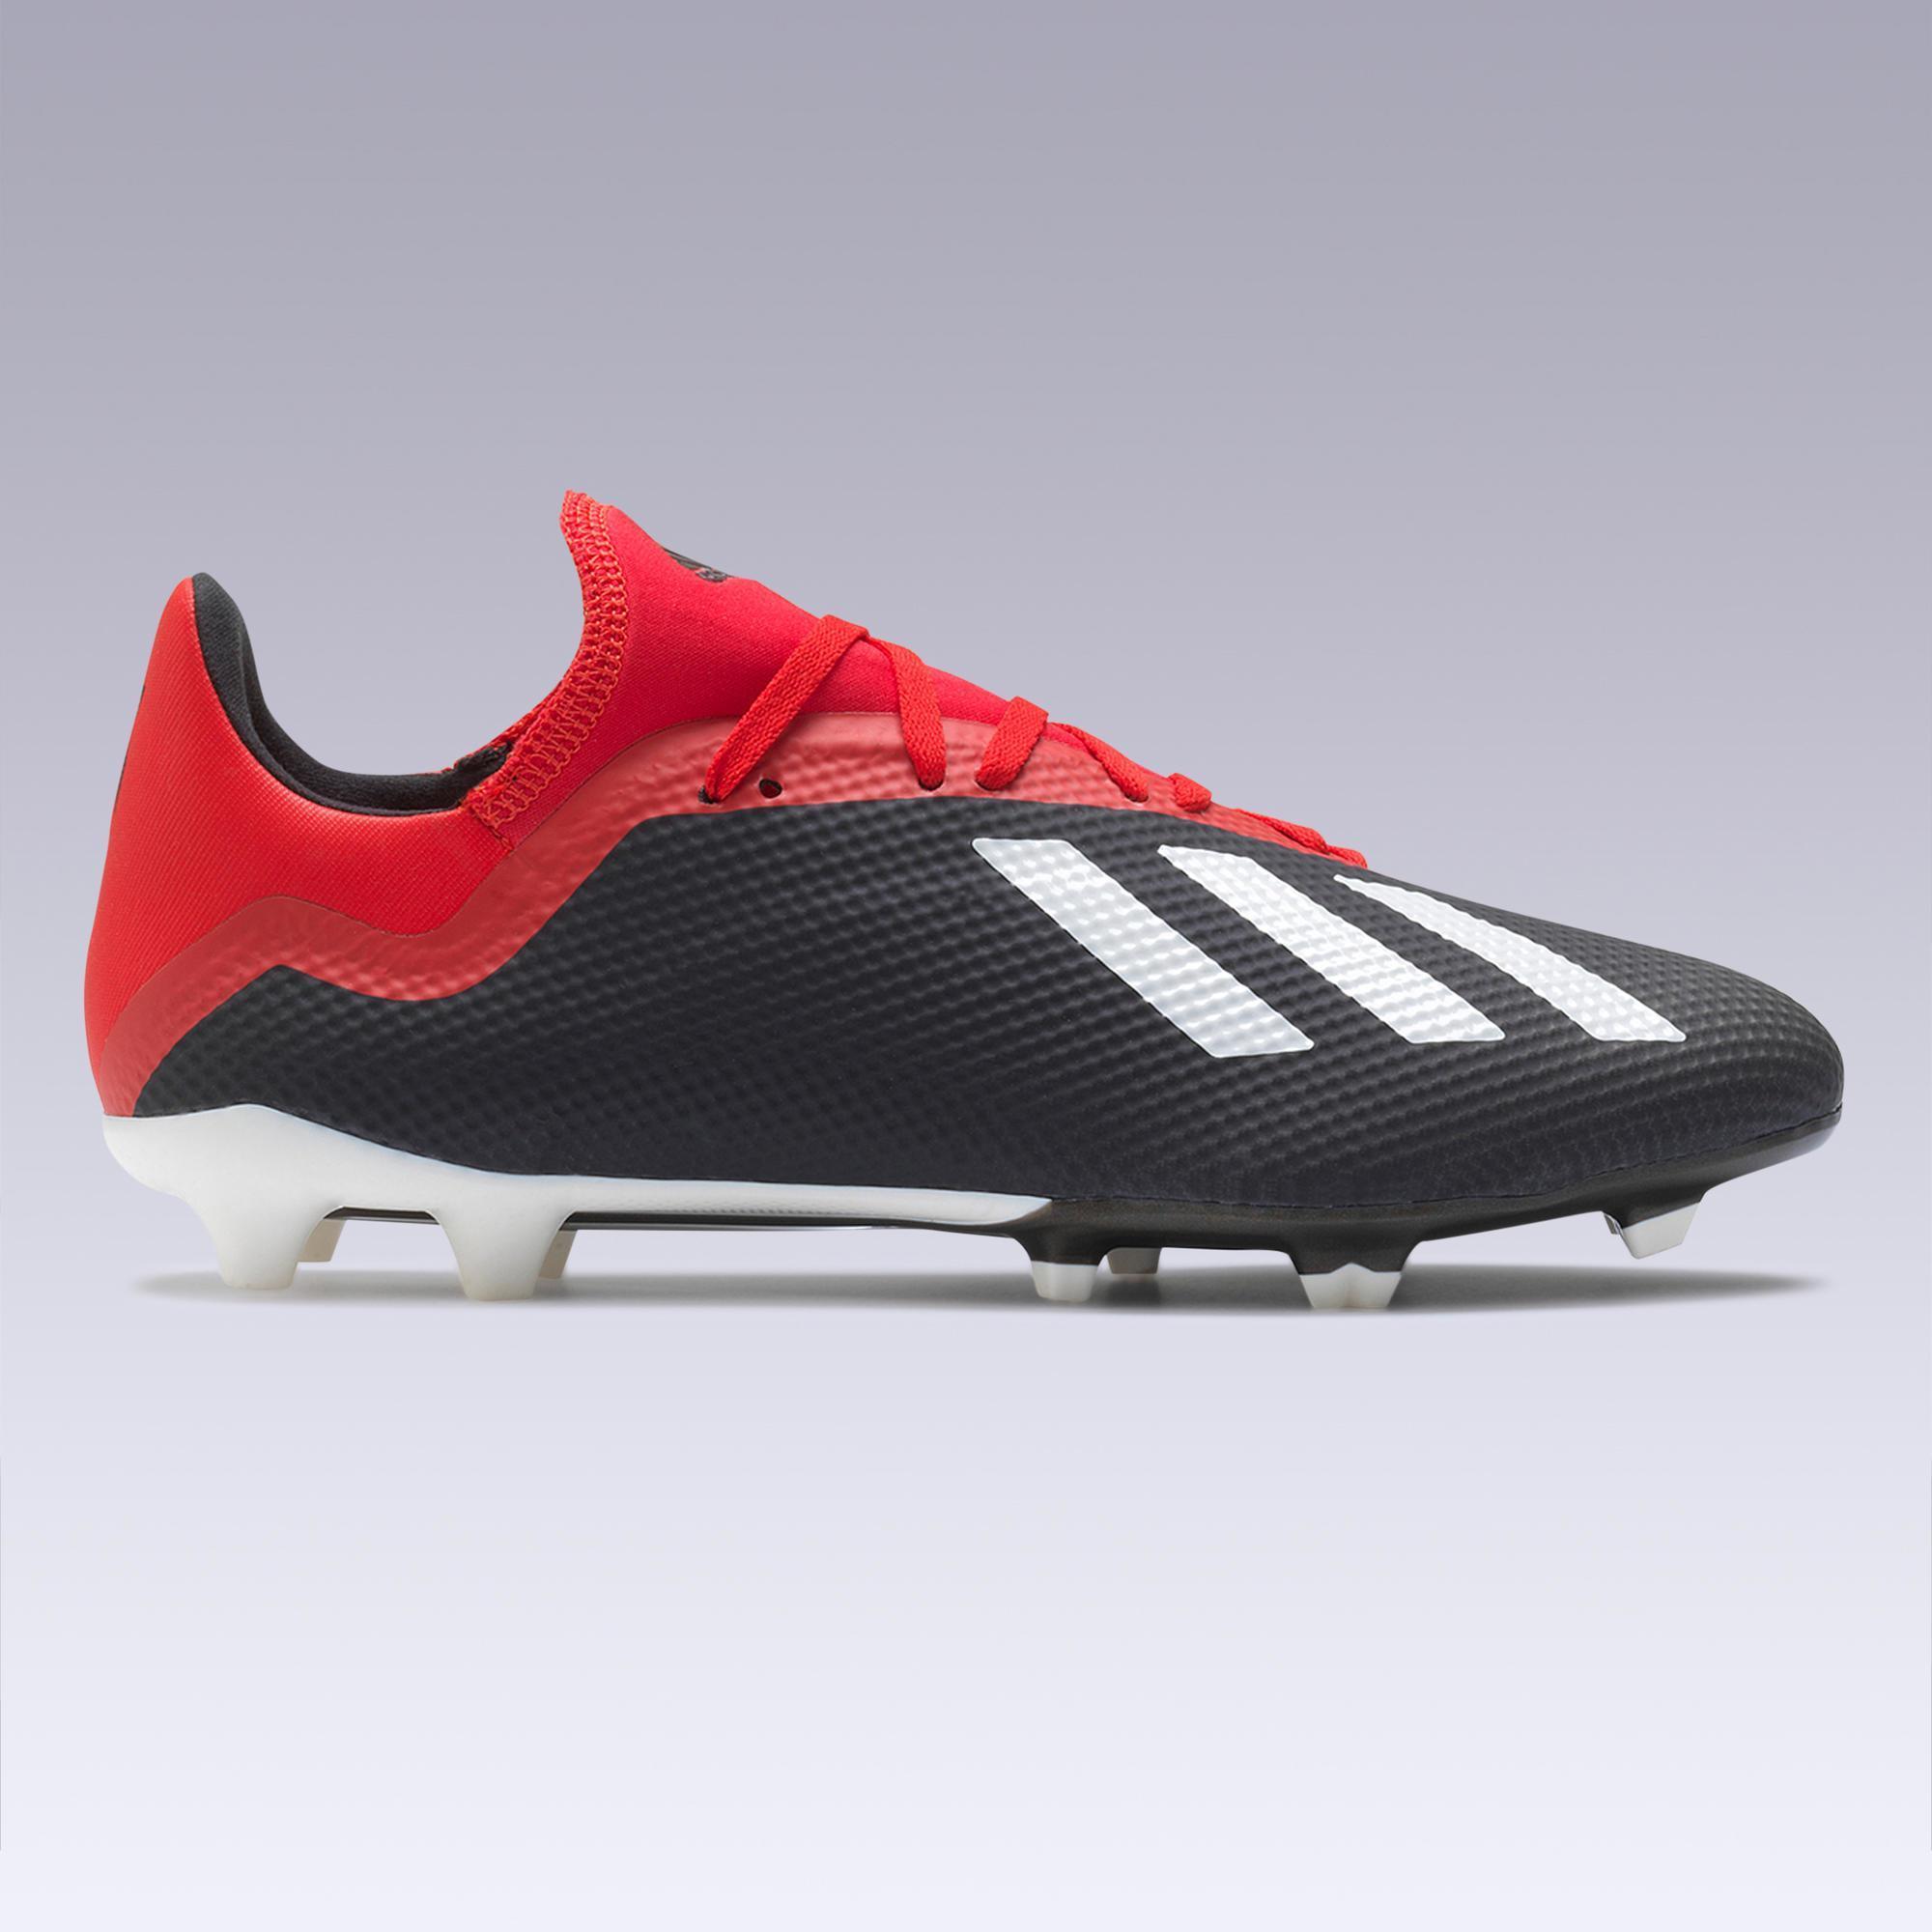 on sale 60c09 23921 Comprar Botas de Fútbol Adultos y Zapatillas   Decathlon